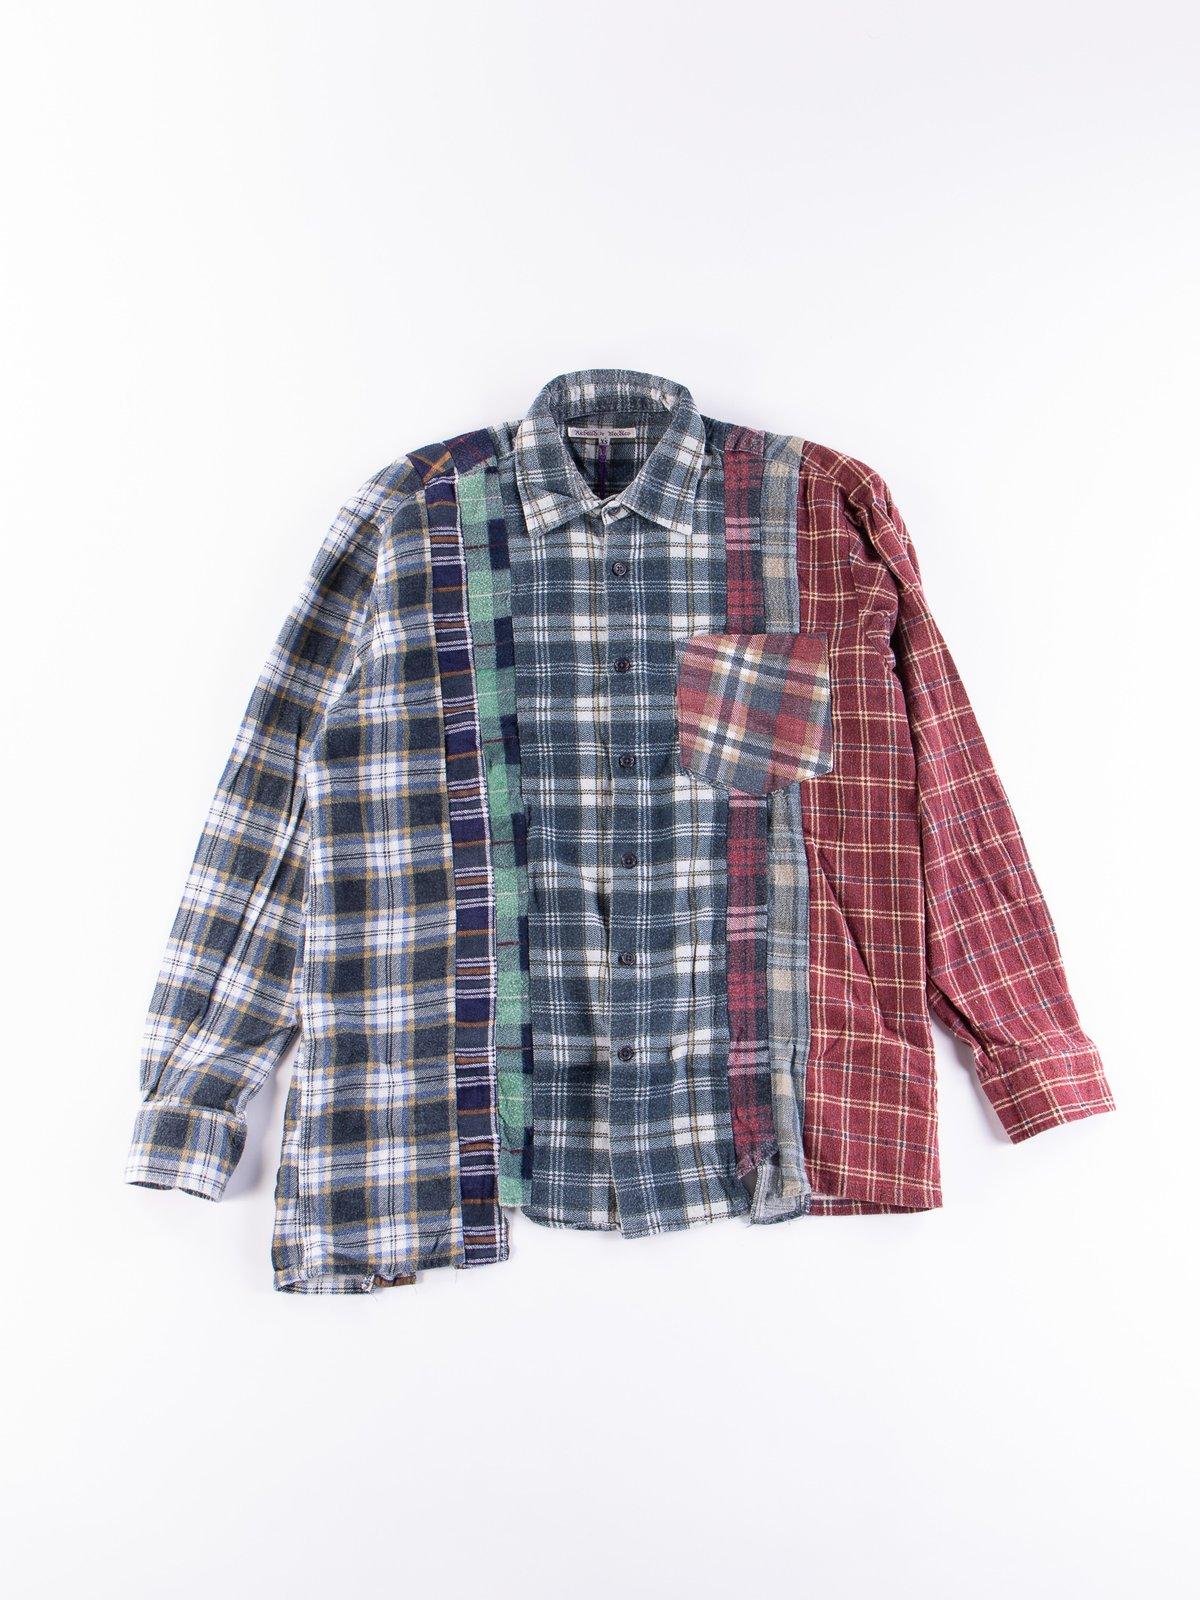 Assorted 7 Cuts Rebuild Shirt - Image 1